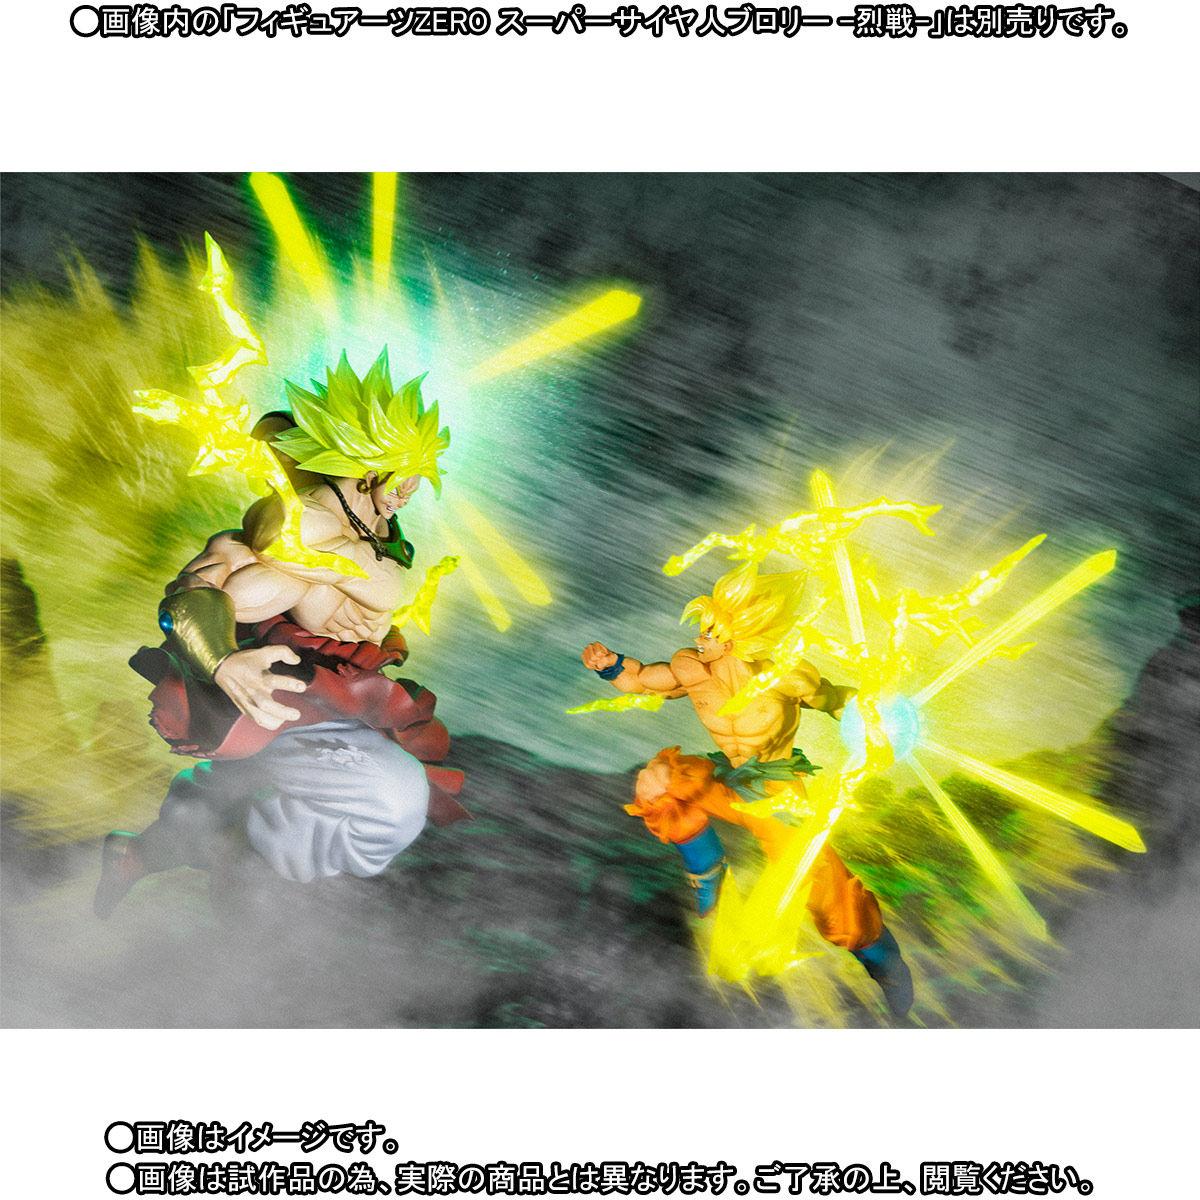 フィギュアーツZERO『スーパーサイヤ人孫悟空 -熱戦-』ドラゴンボールZ 完成品フィギュア-006